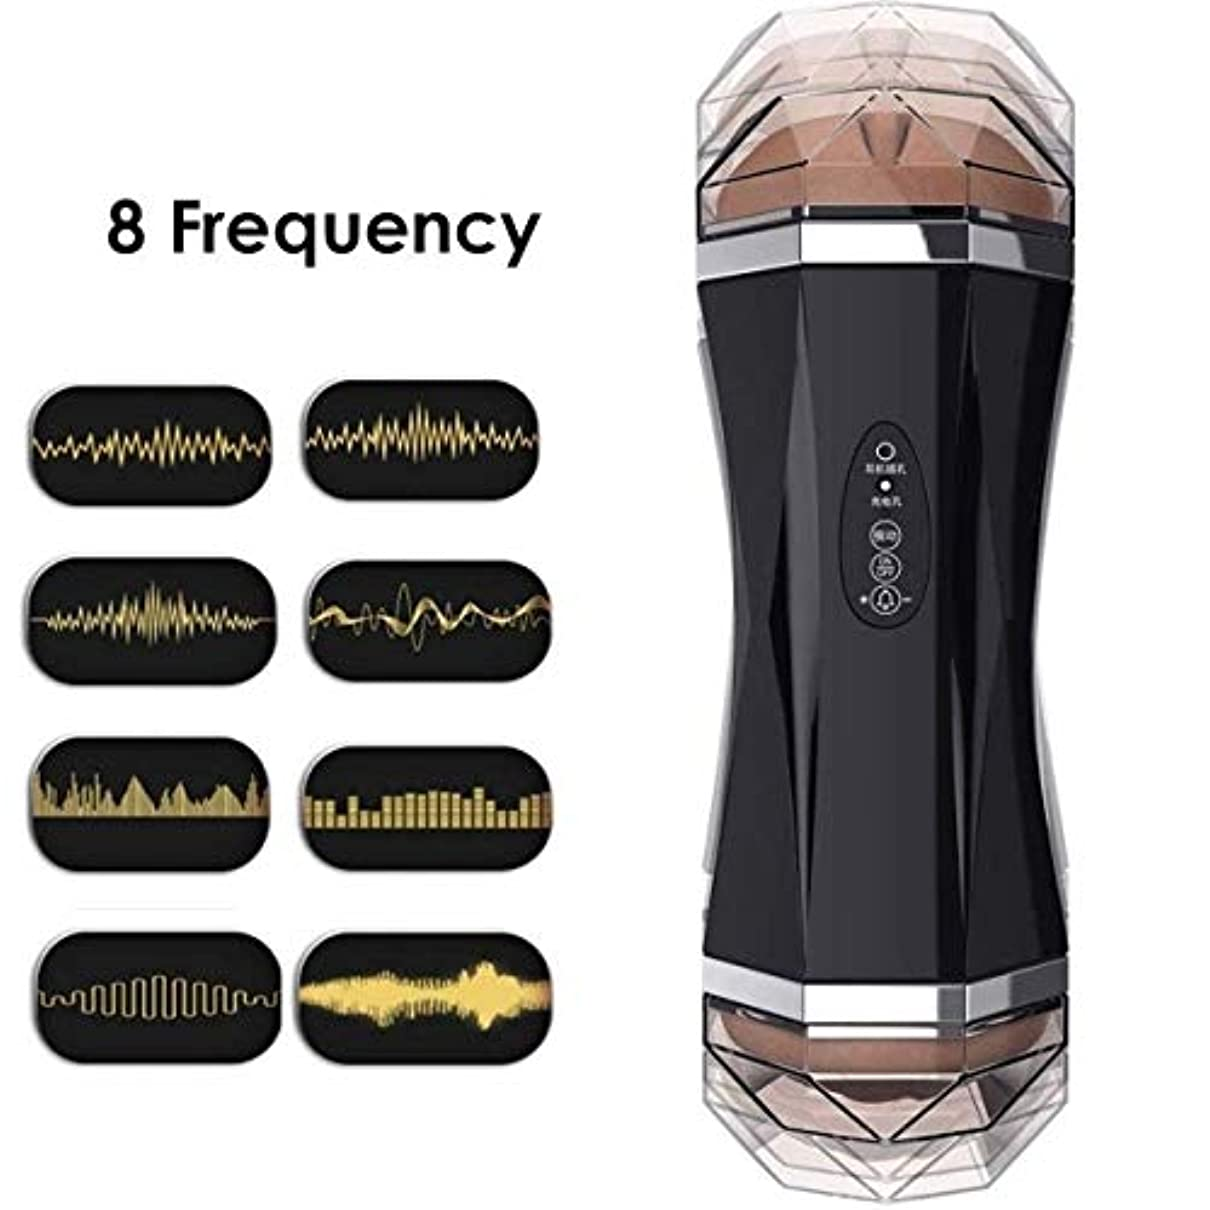 サラミふりをするグラフRisareyi 電動 オナホール 男性のTシャツVǐbrǎtiǒnディープスロートオーラルカップ、8周波数、インタラクティブヘッドフォンモード、USB充電、6つのおもちゃのブロージョブボイス、マッサージツール 大人のおもちゃ